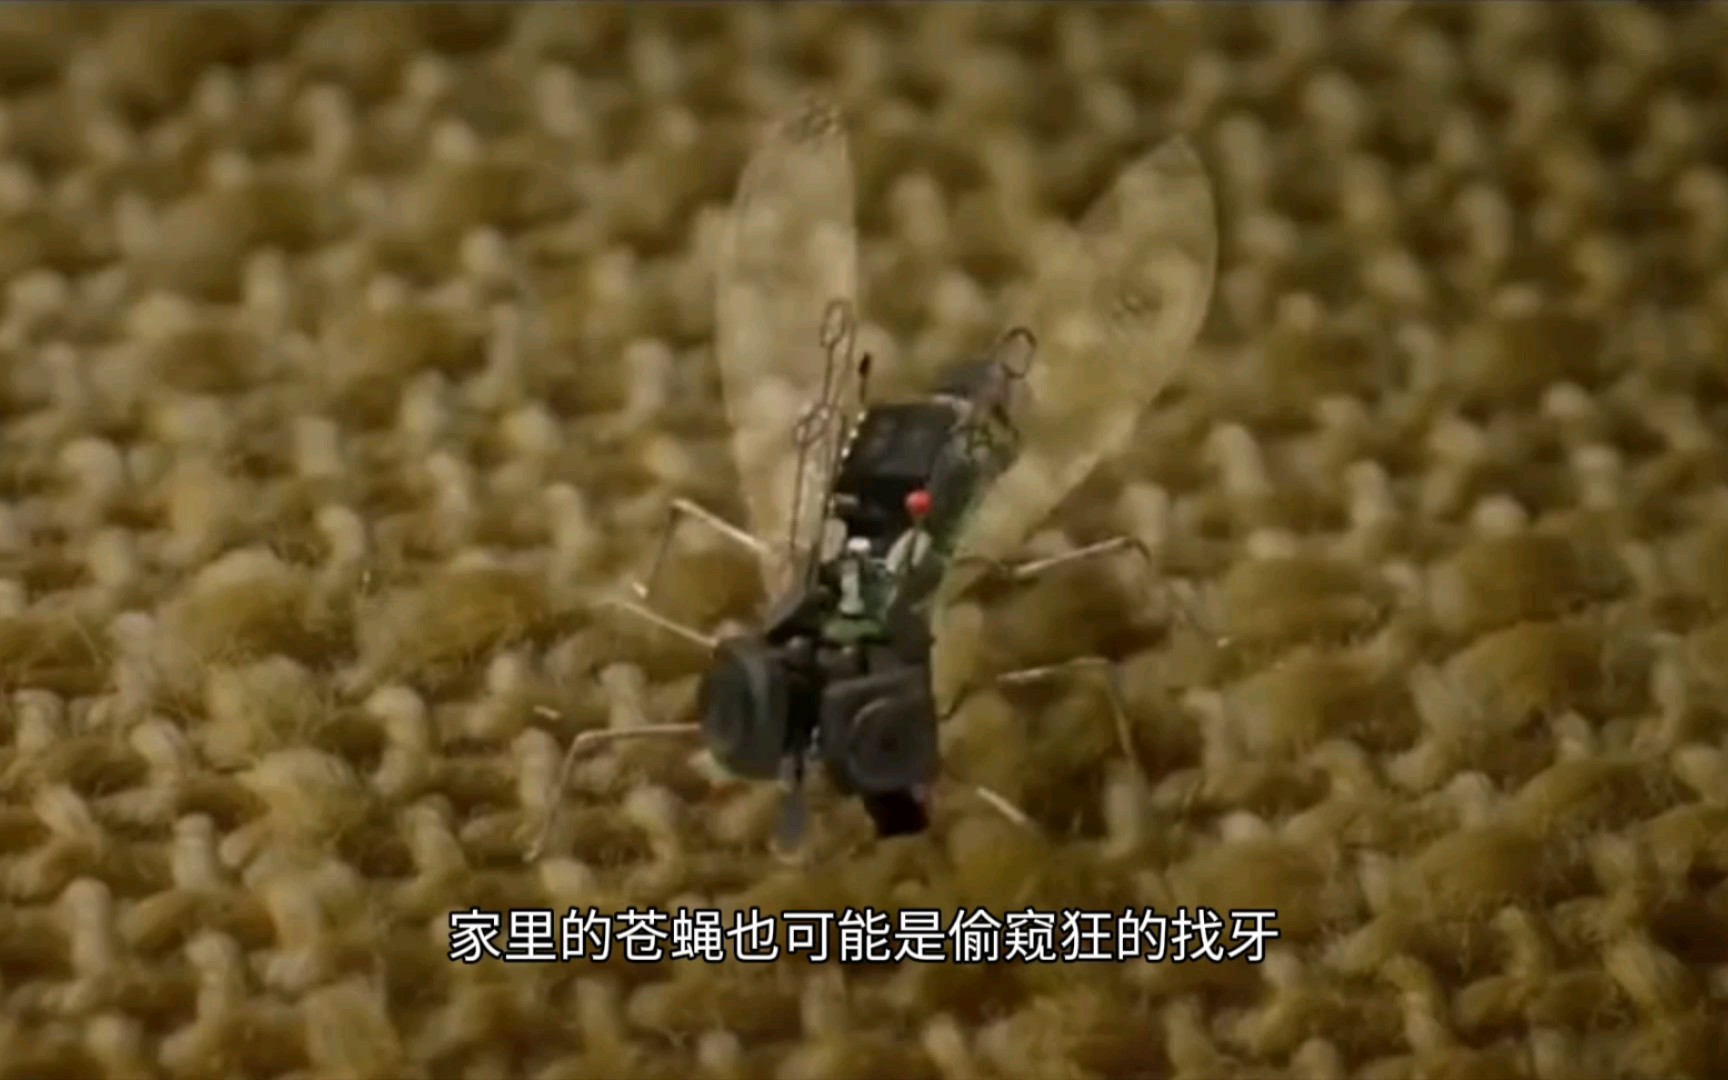 《苍蝇的眼睛》家,也不一定是安全的!赶紧看看你家有这种苍蝇吗